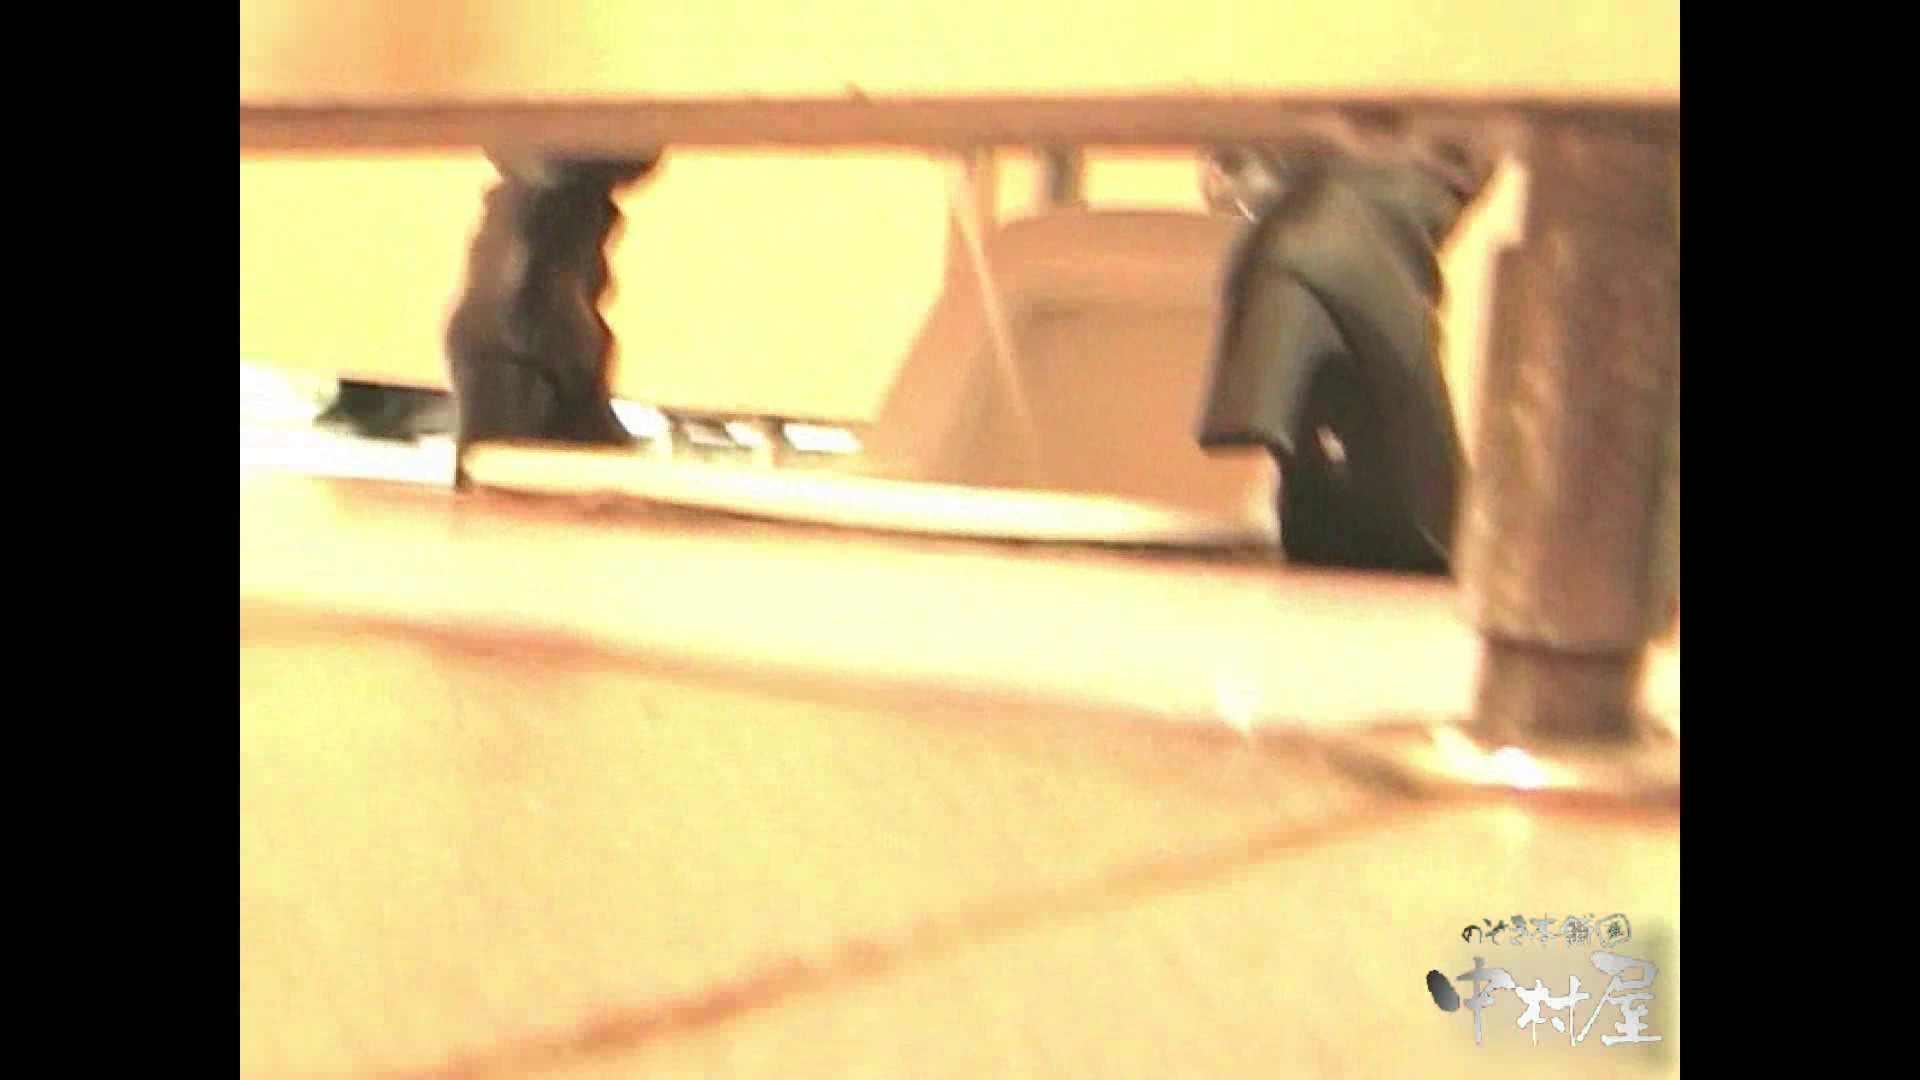 岩手県在住盗撮師盗撮記録vol.02 お姉さん達のオマンコ オマンコ無修正動画無料 53連発 15